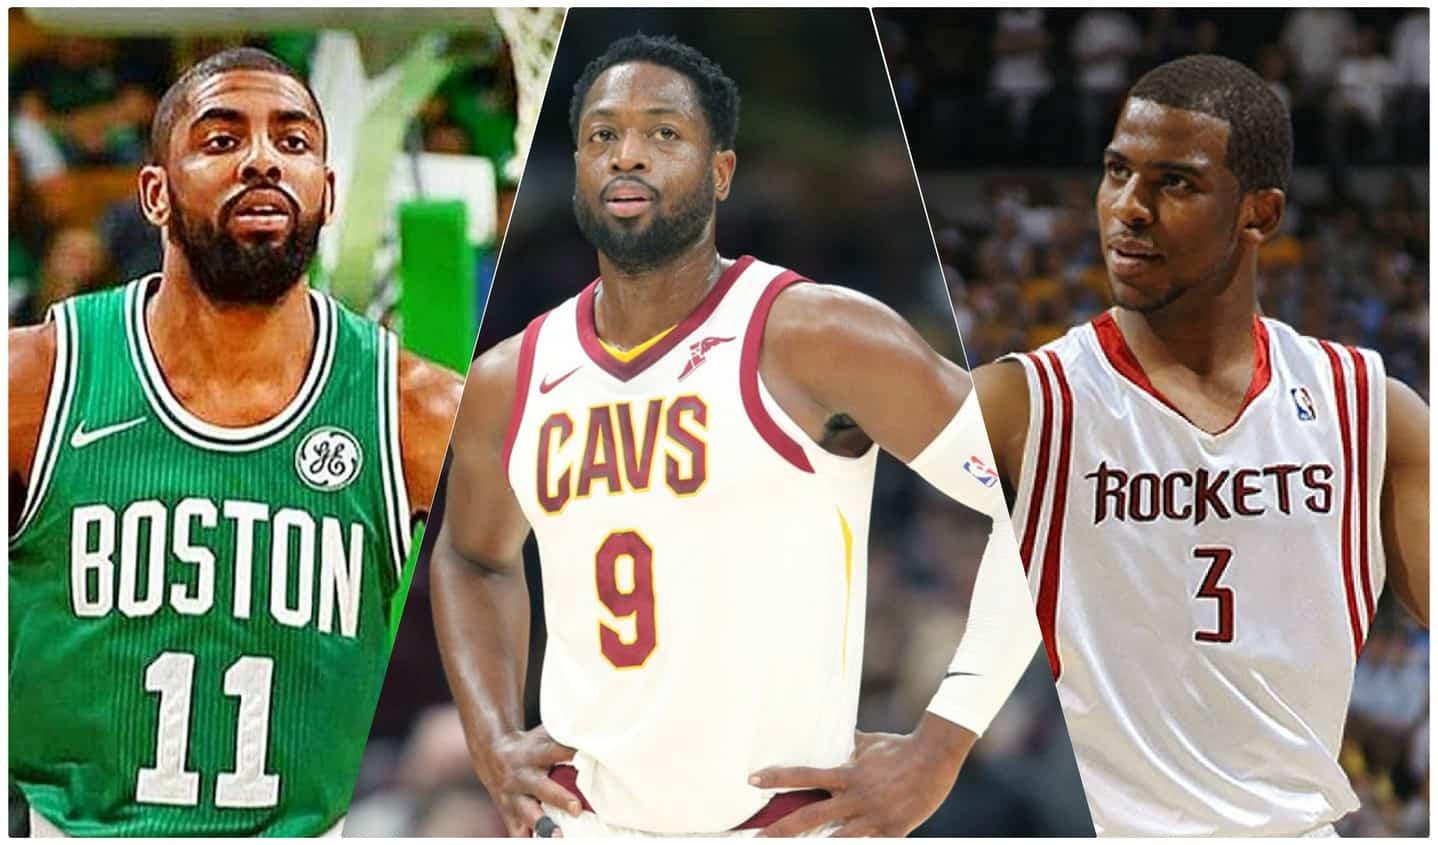 Première nuit NBA, tout ce qu'il faut suivre de près !